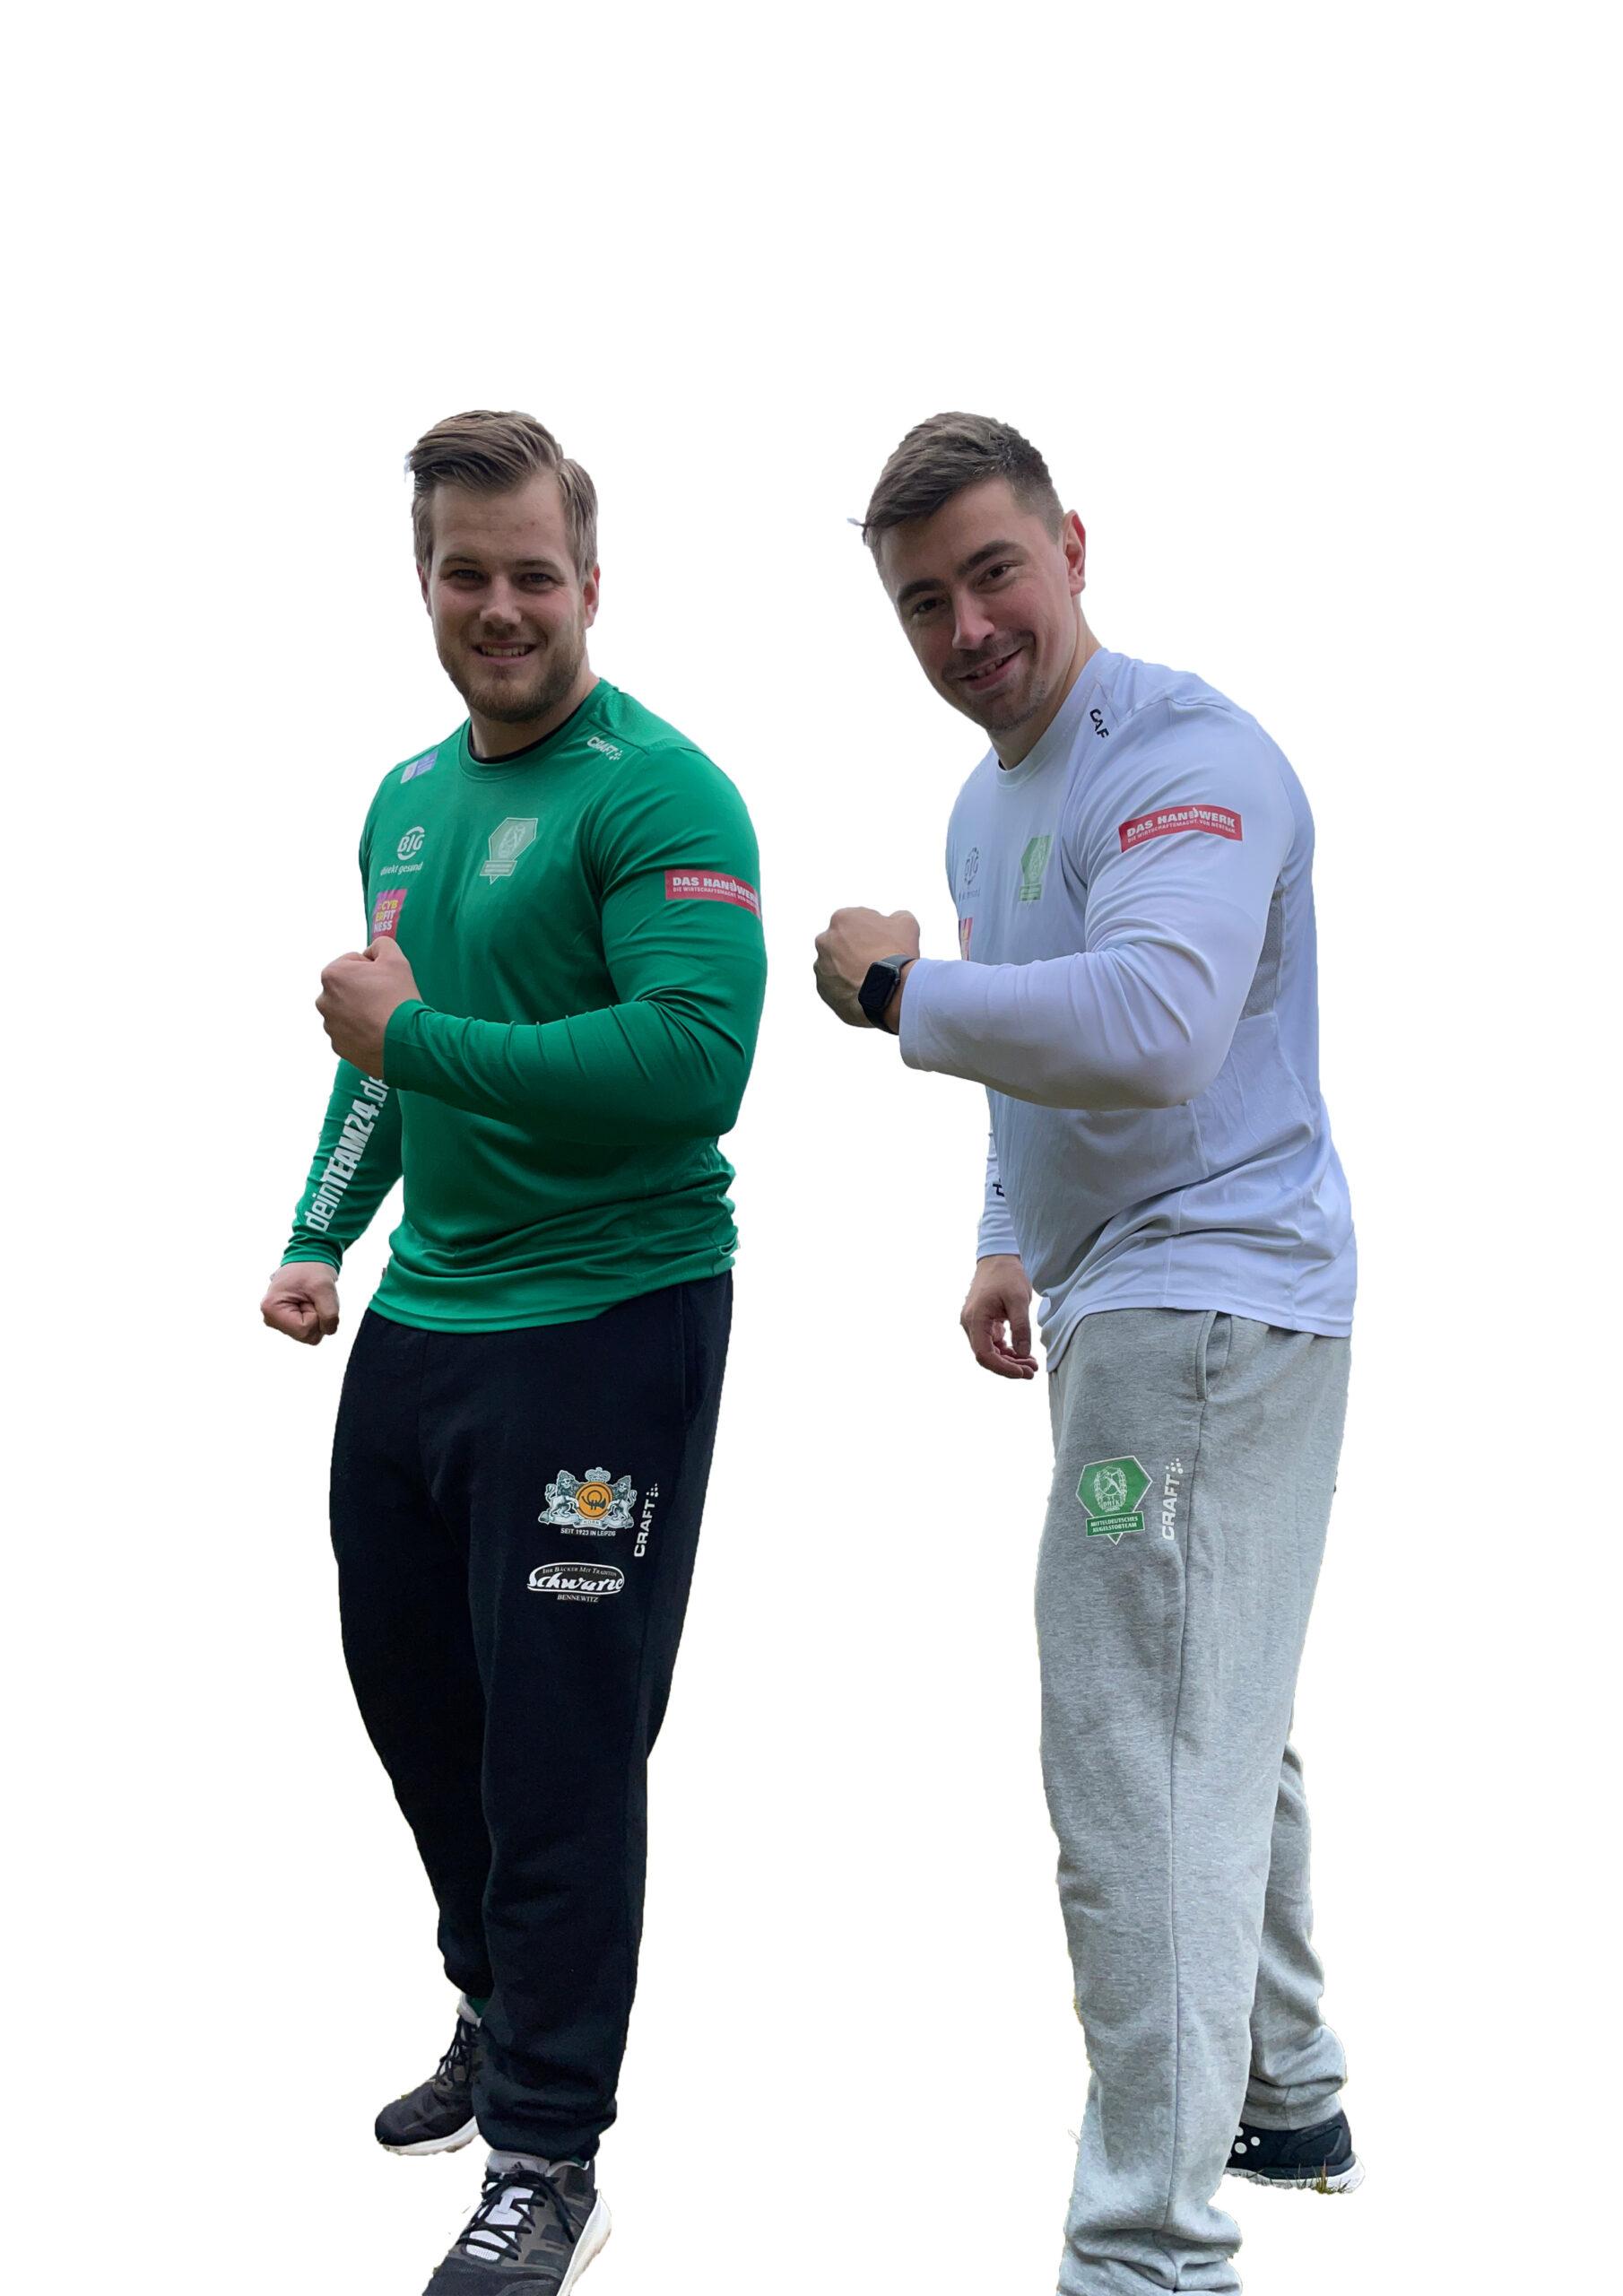 Die beiden Kugelstoßer Dennis Lemke (links) und David Storl (rechts) stehen seitlich nebeneinander und haben ihren linken Arm angewinkelt ausgestreckt. So wird ihr muskulöser Oberarm sichtbar. Beide lächeln.